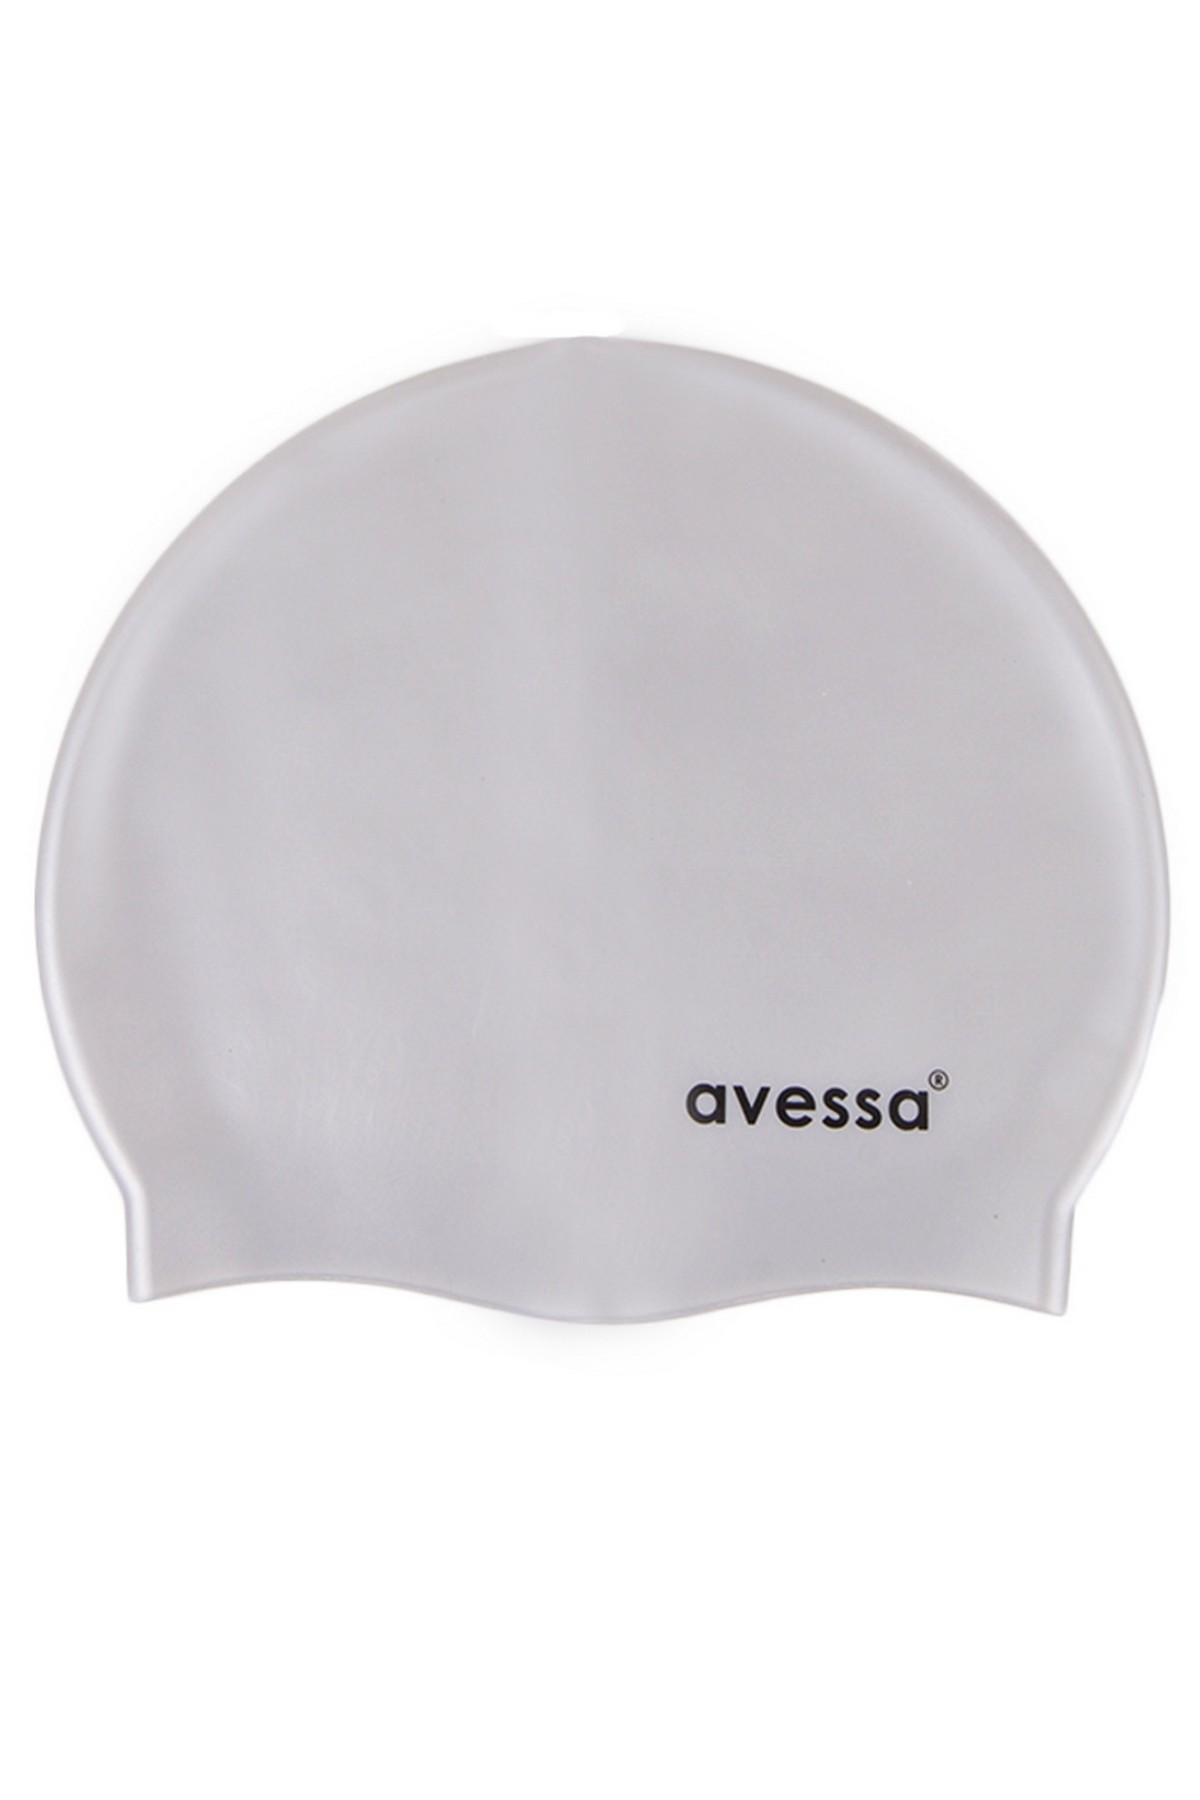 Avessa SC601